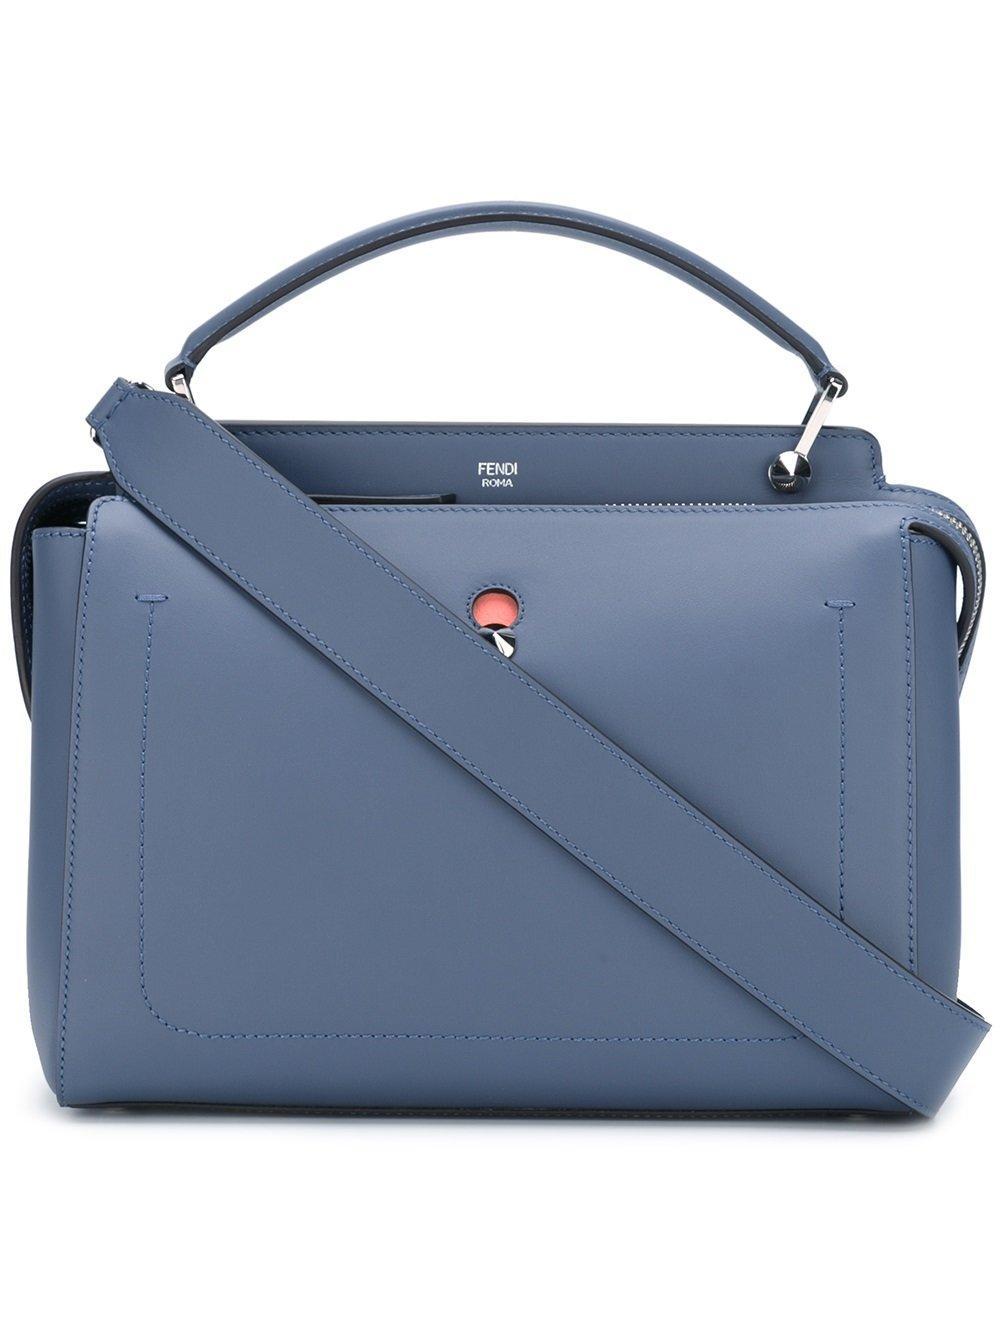 e4bf6f3d37be Fendi  Dotcom  Handtasche - Blau In Blue